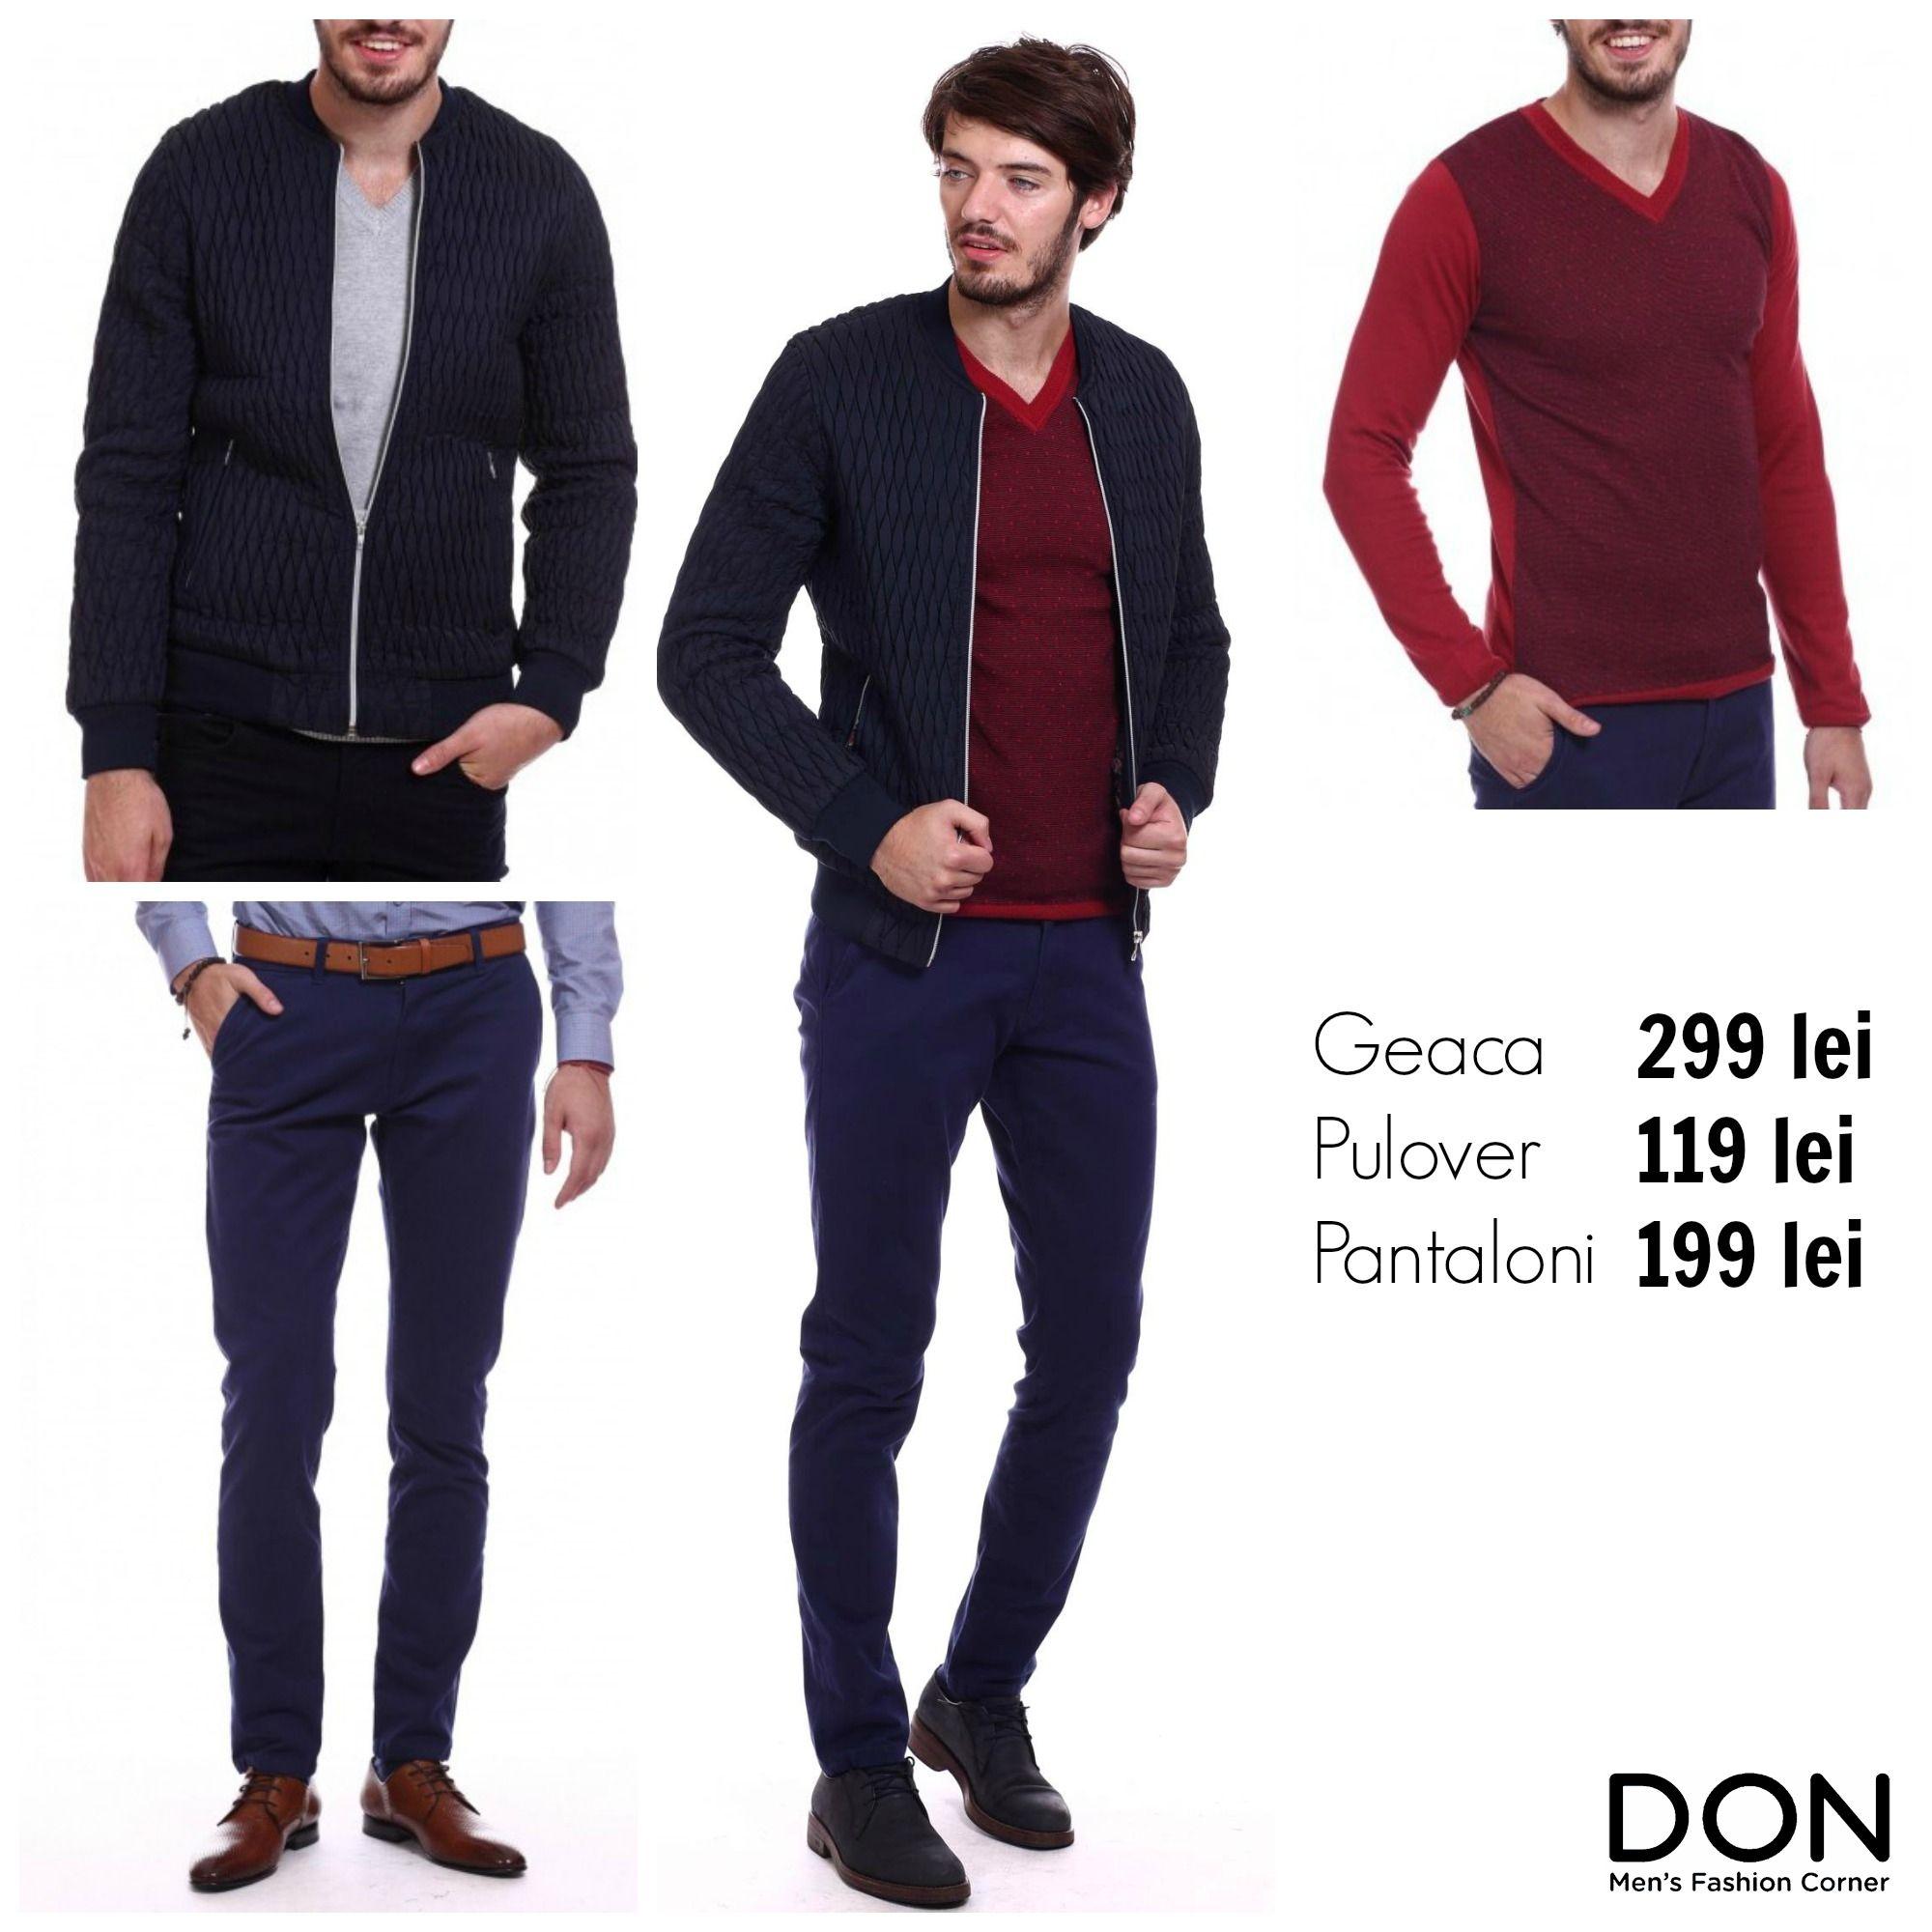 Shop The Look, 555 lei don-men.com #shopnow #shoponline